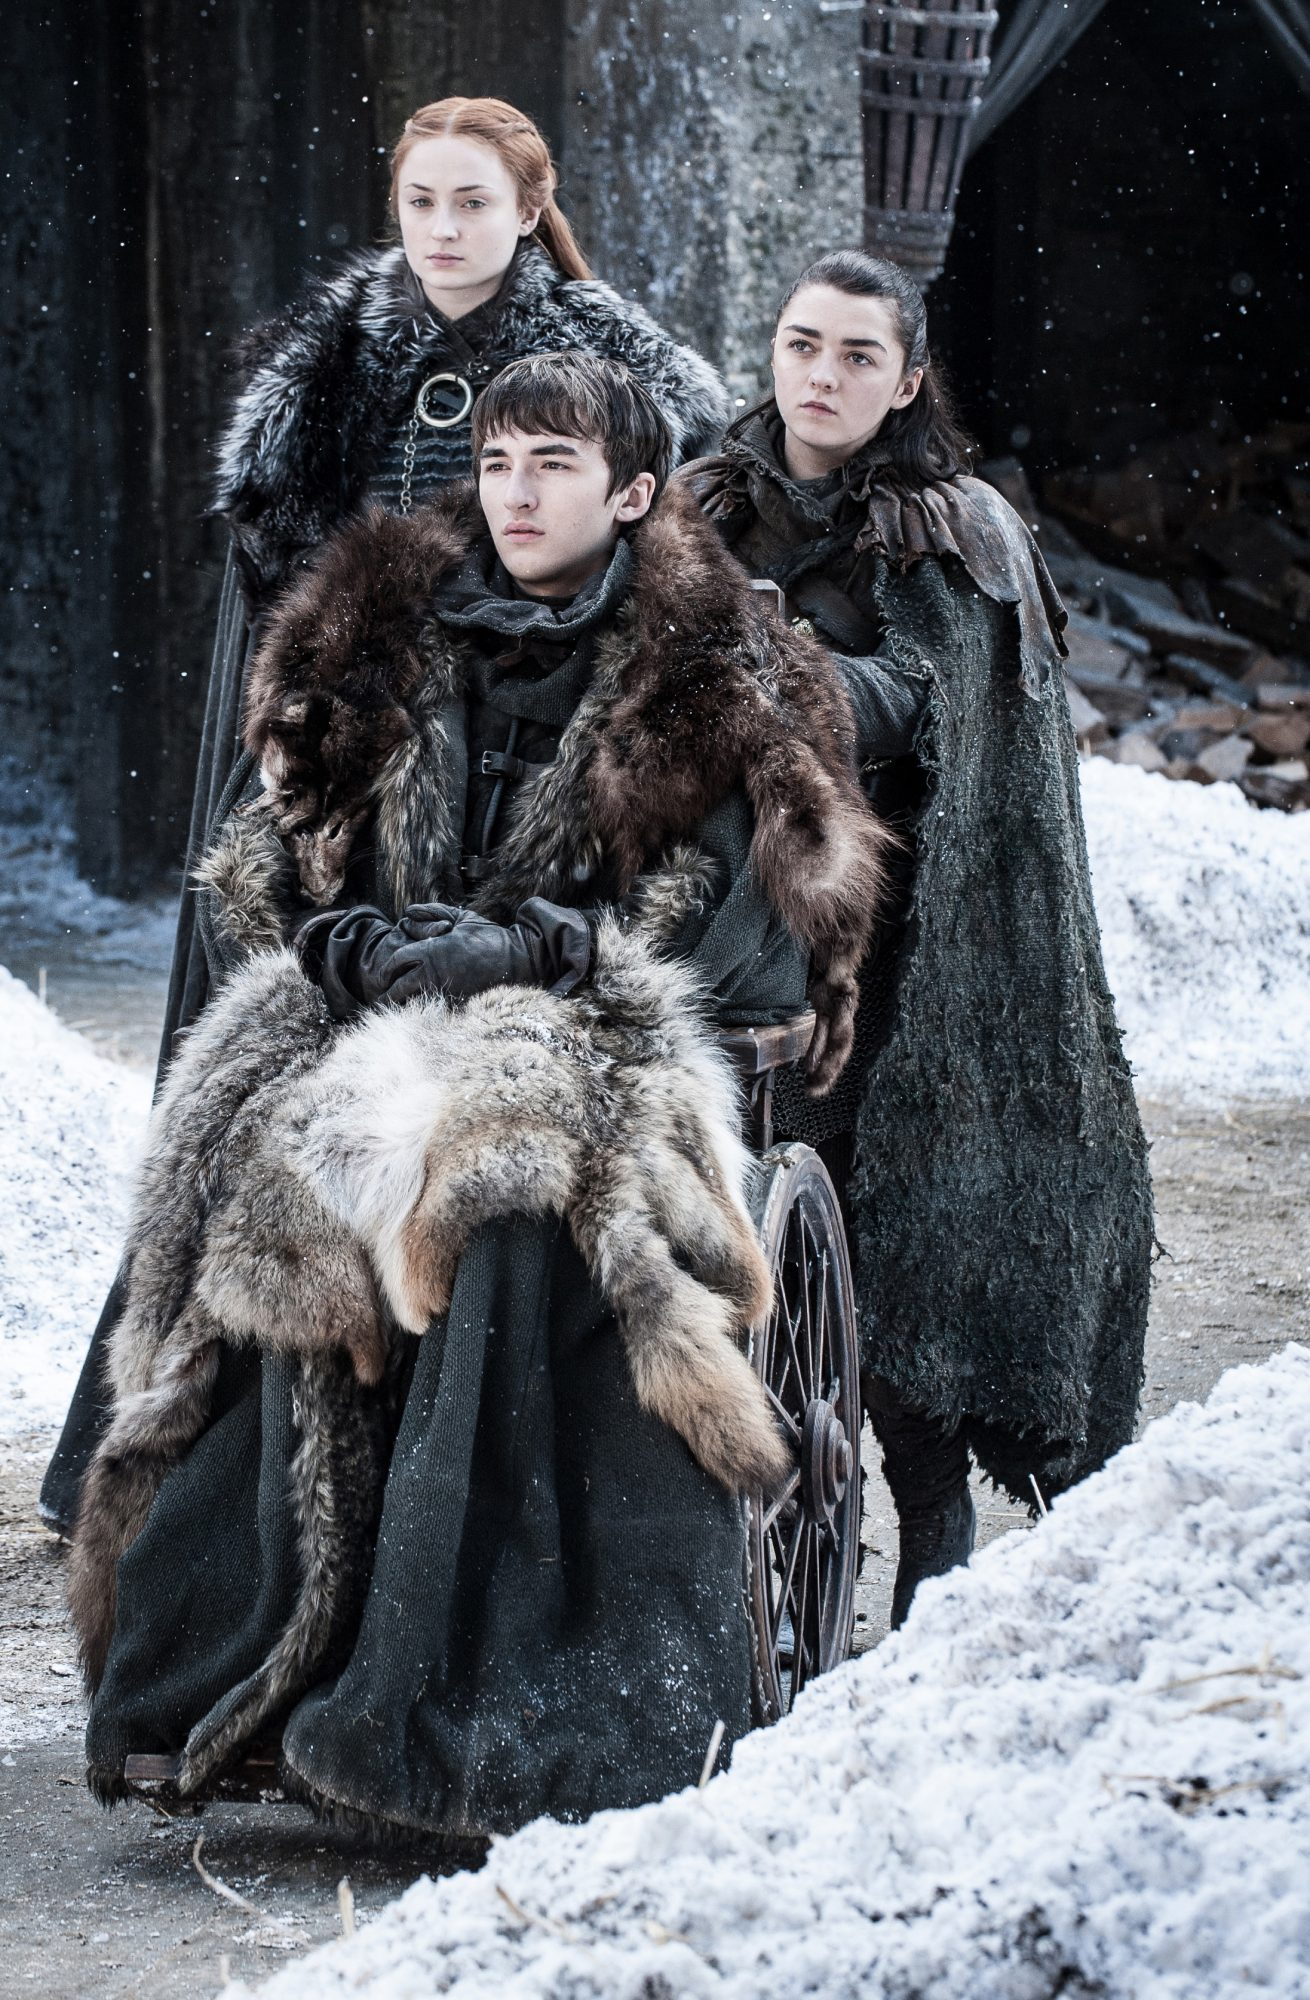 bran-stark-sisters.jpg